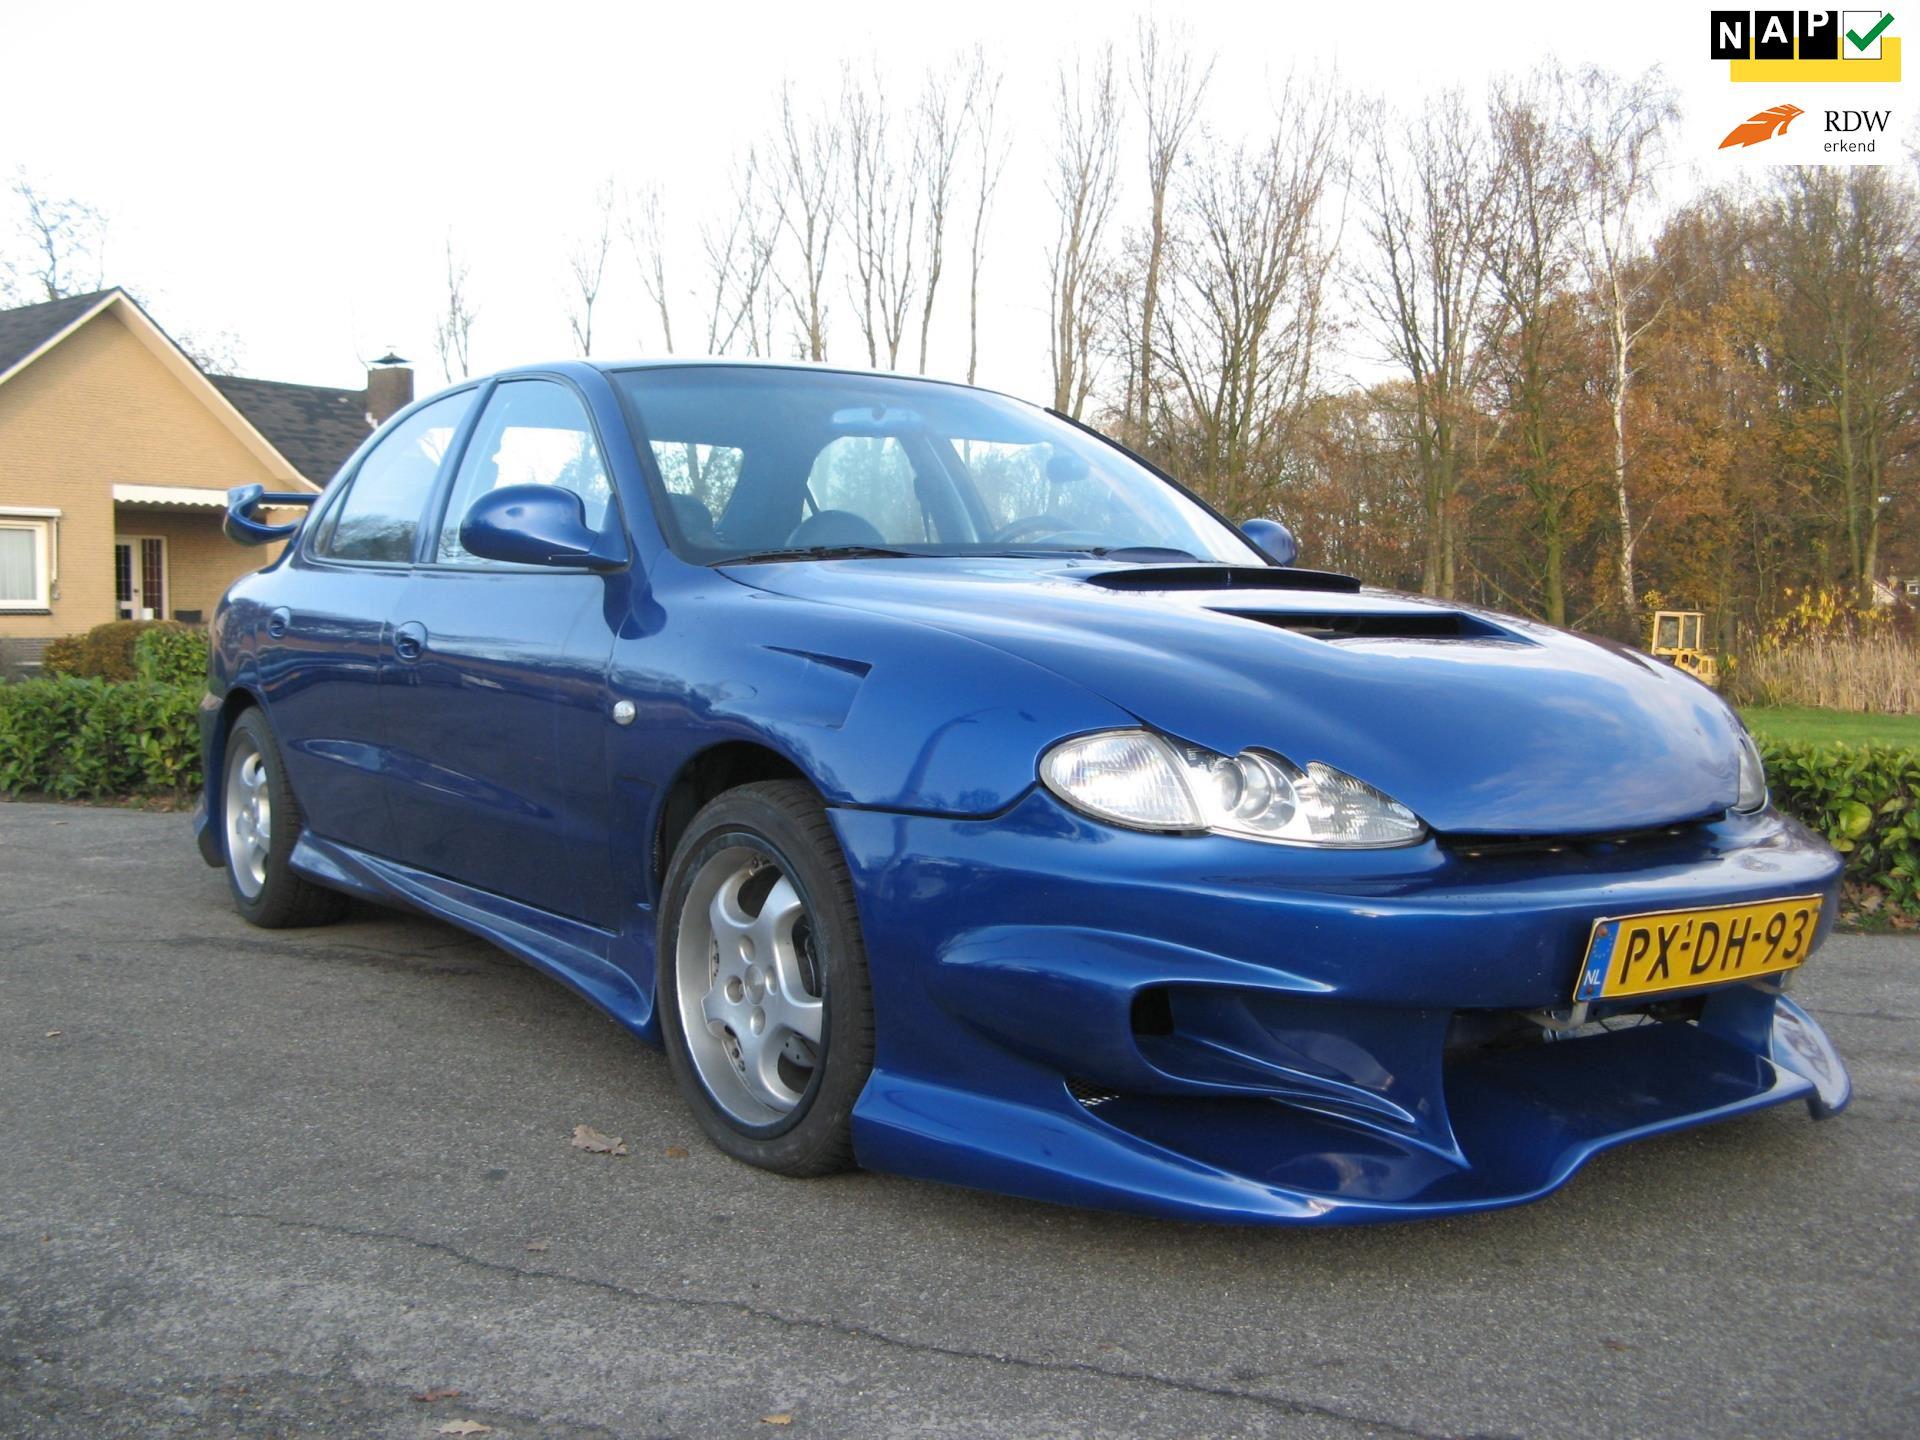 Hyundai Lantra occasion - Ton van Soest Auto's